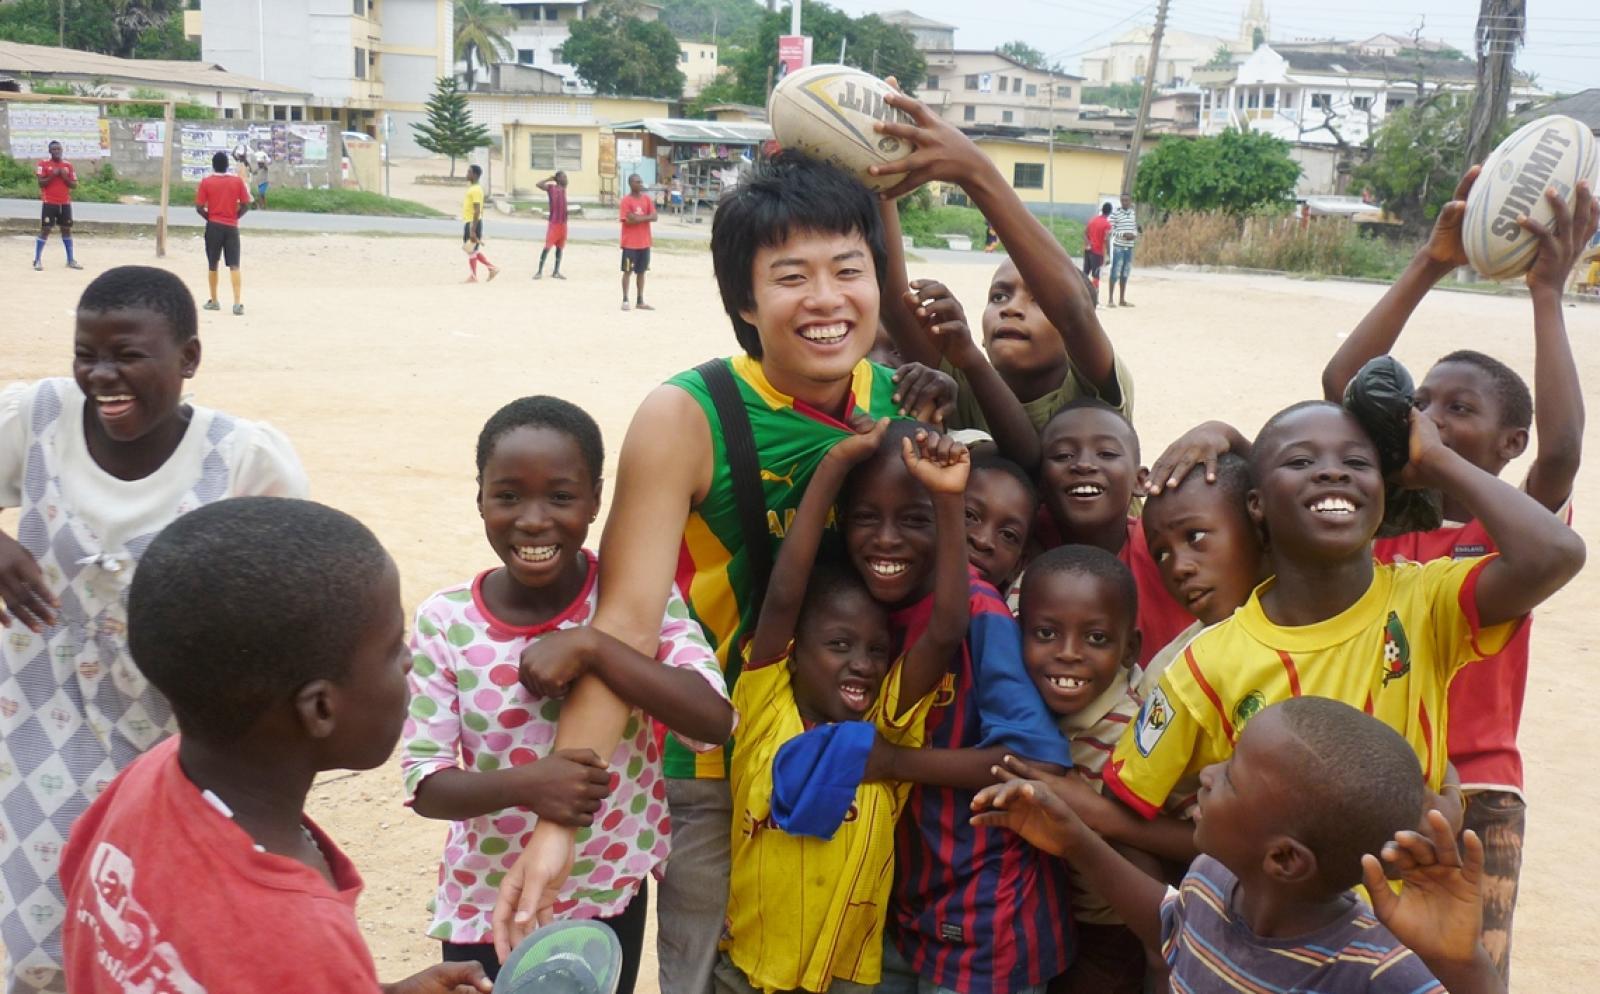 アフリカの子供たちへのスポーツ教育に取り組む日本人ボランティア